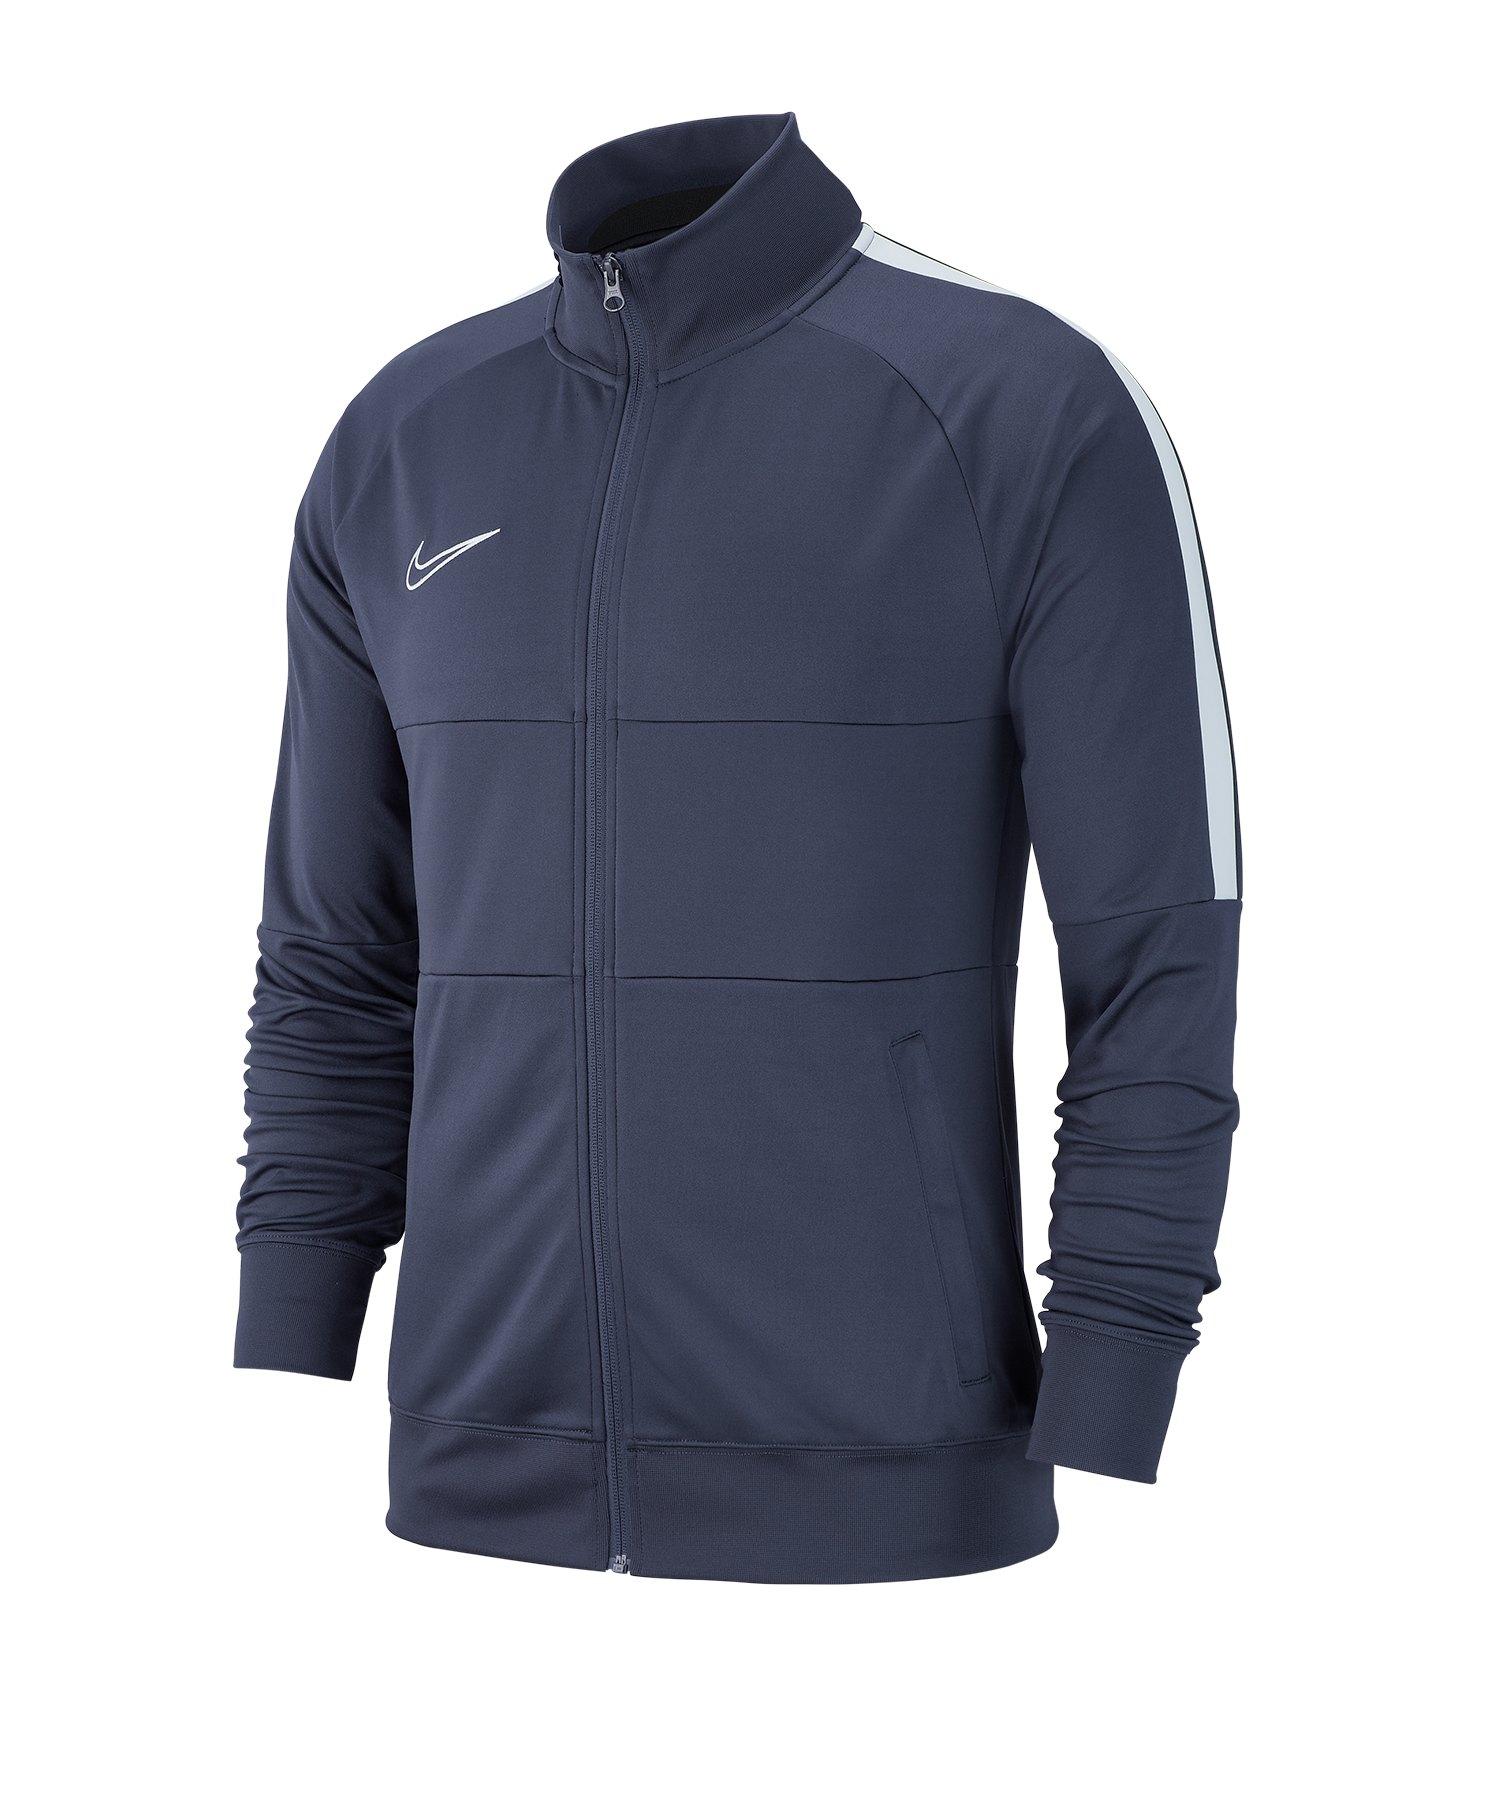 Nike Sportswear Sporttasche »Vapor« | Nike jacke, Nike